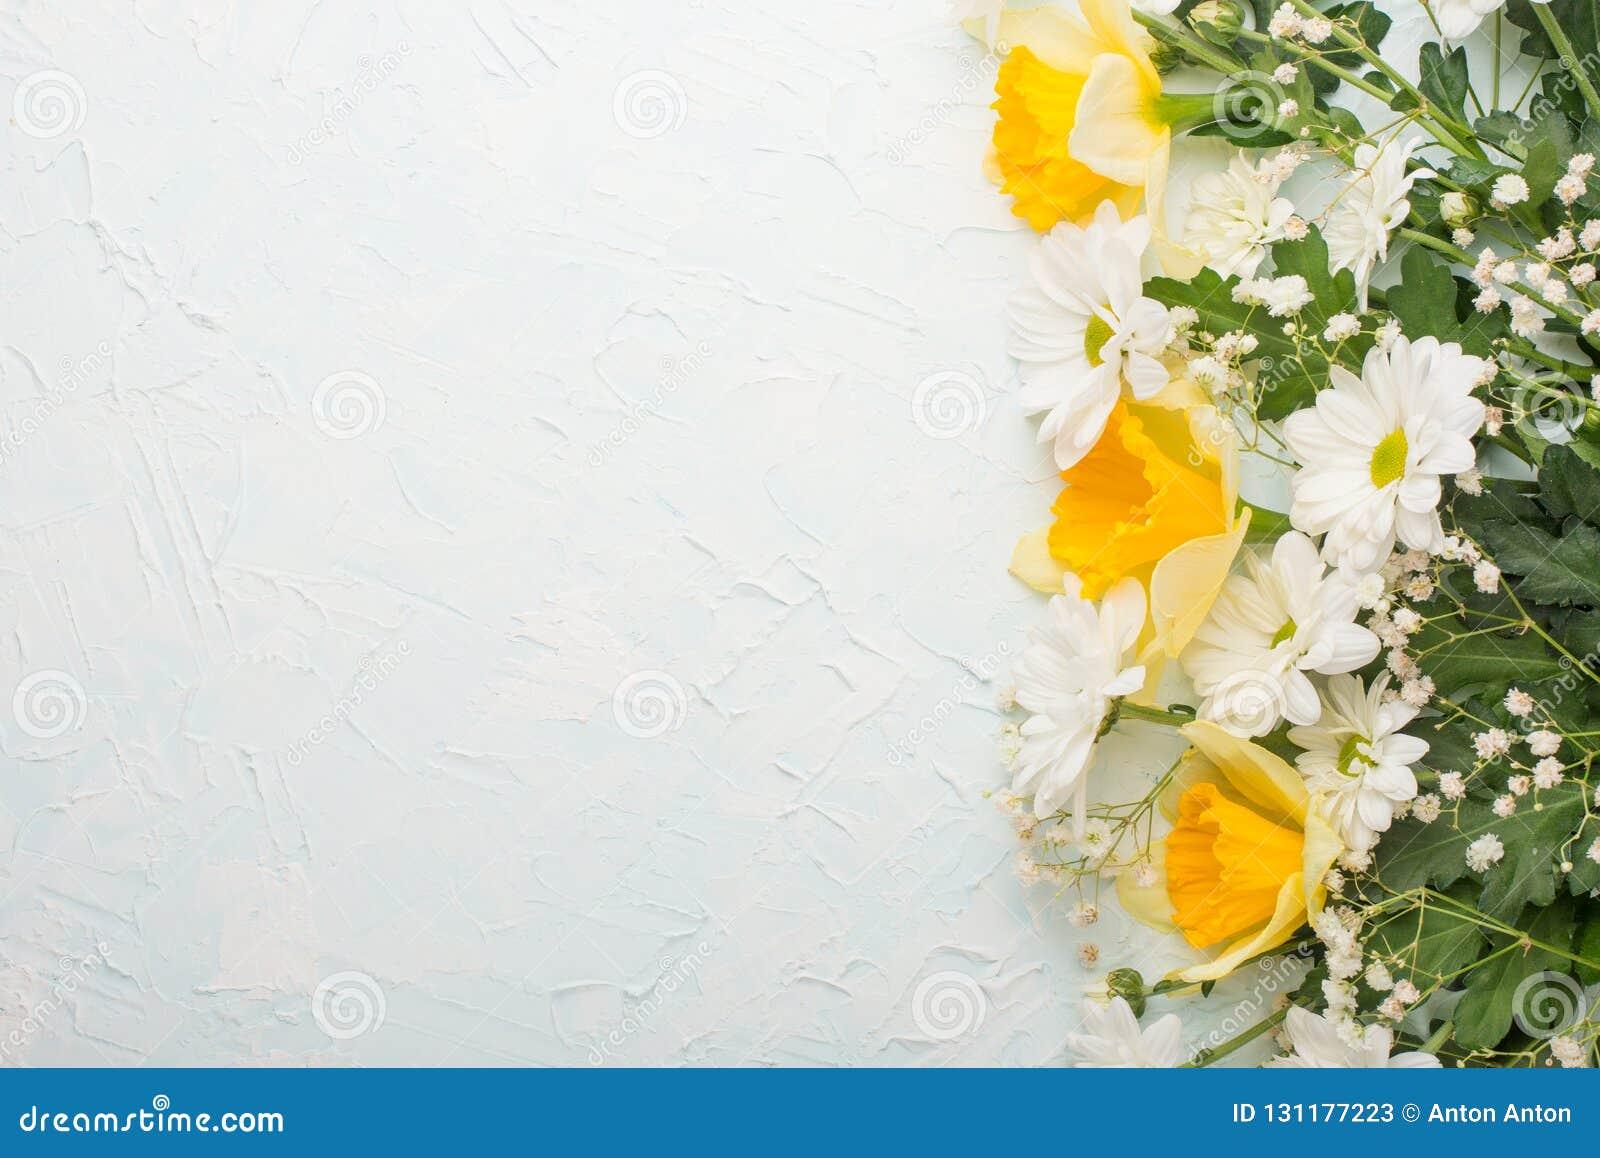 Κίτρινα daffodils με τα άσπρα crisands σε ένα ξύλινο υπόβαθρο, τοπ άποψη, με το κενό διάστημα για το γράψιμο ή τη διαφήμιση